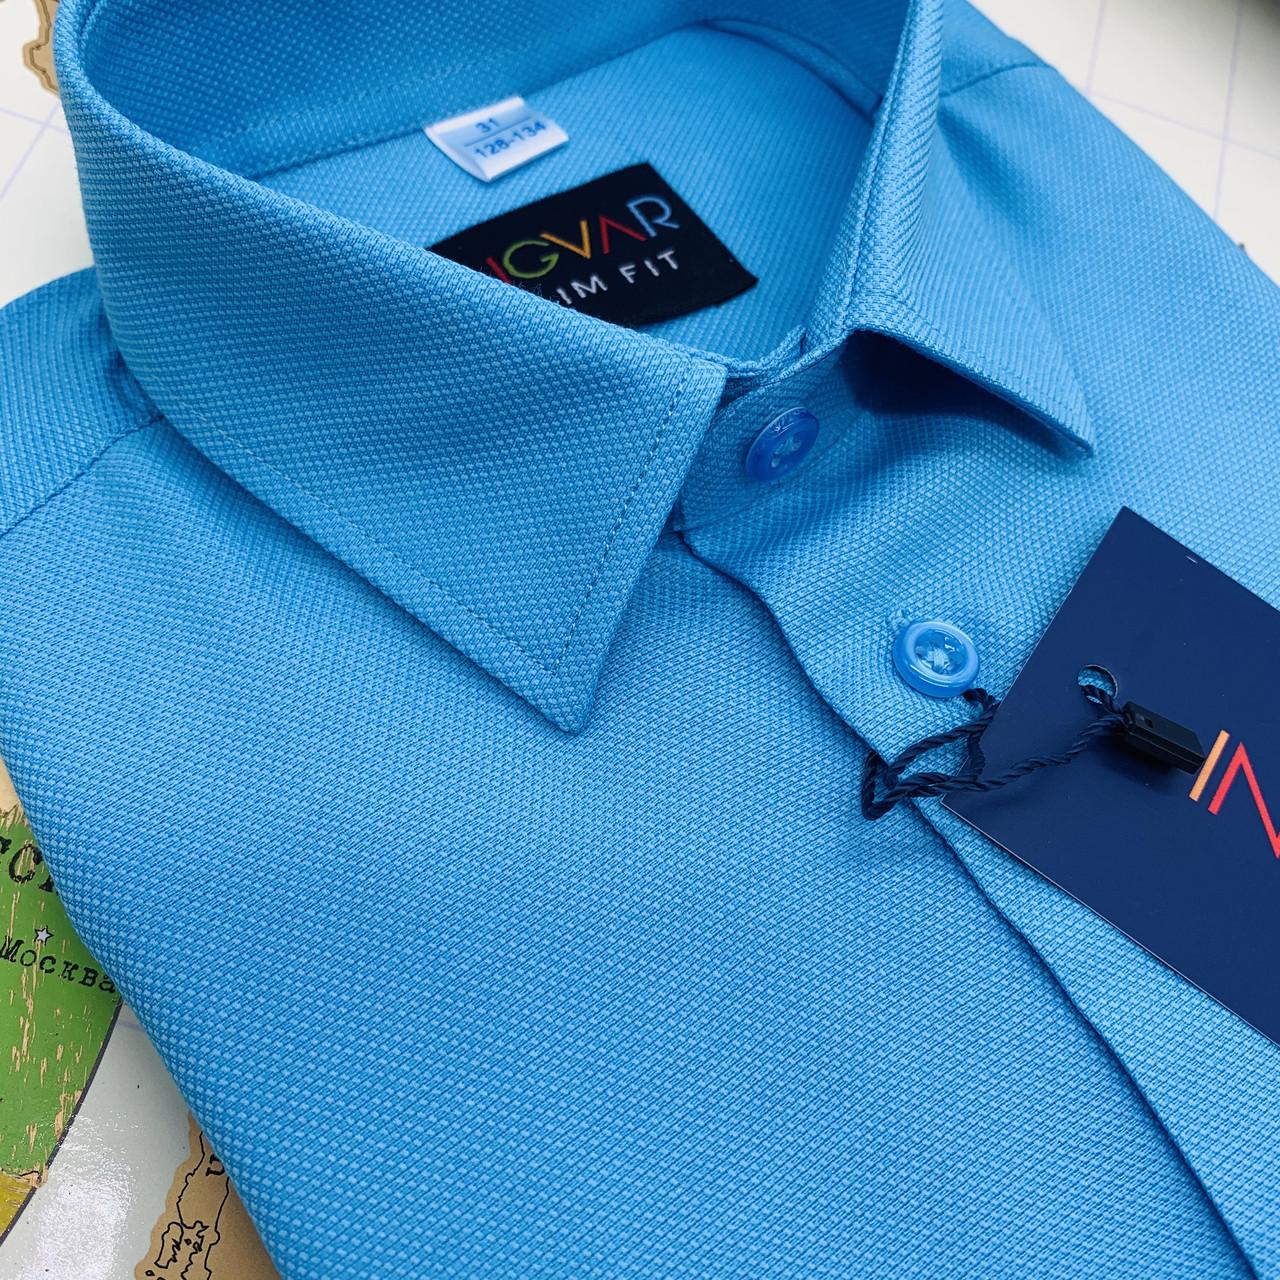 Рубашка детская голубая структурная F33. INGVAR